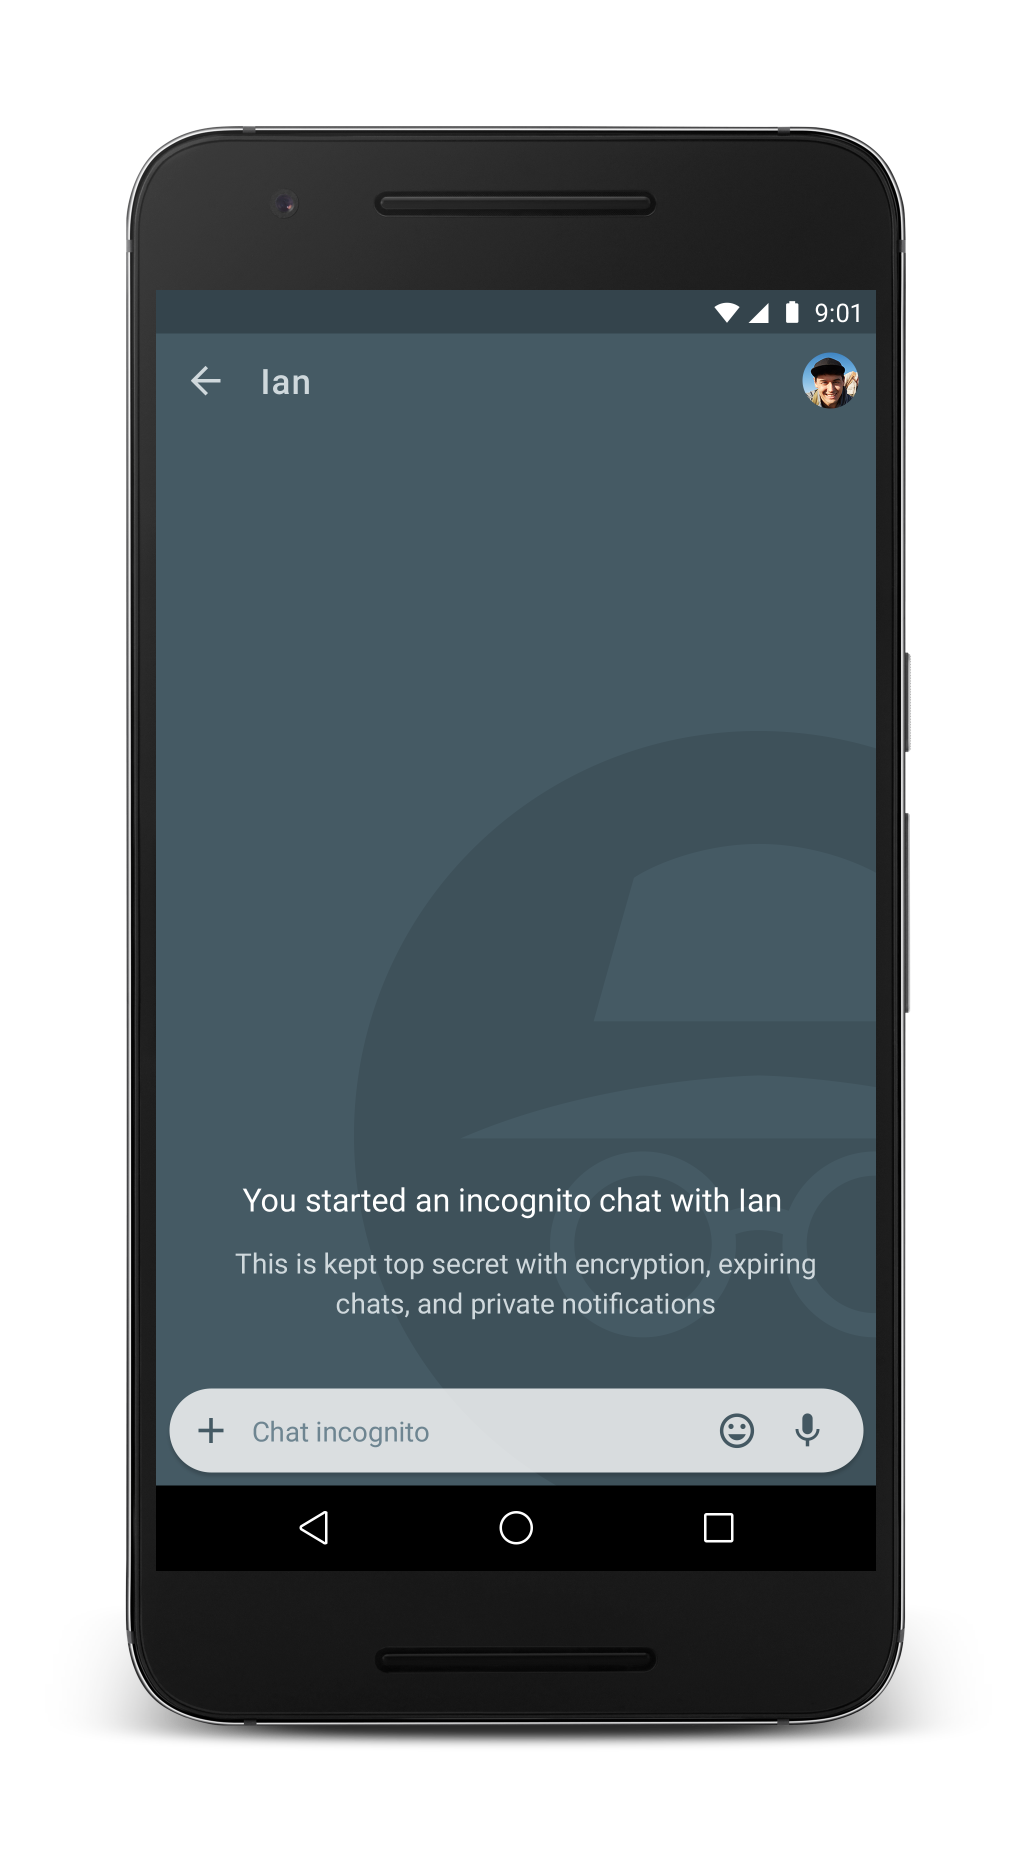 Как сделать режим инкогнито на айфон